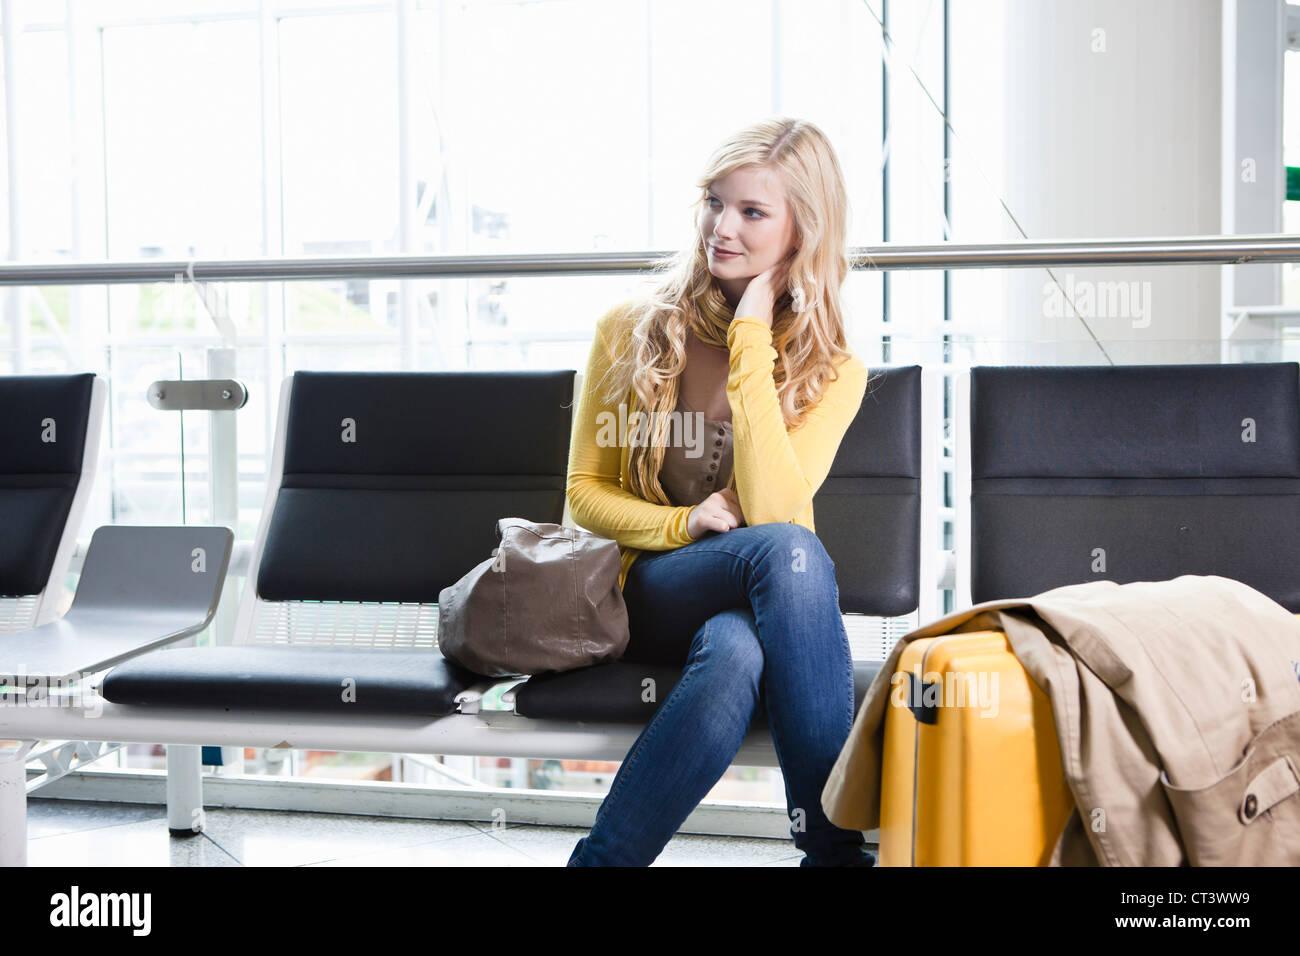 Femme assise dans la salle d'attente de l'aéroport Photo Stock